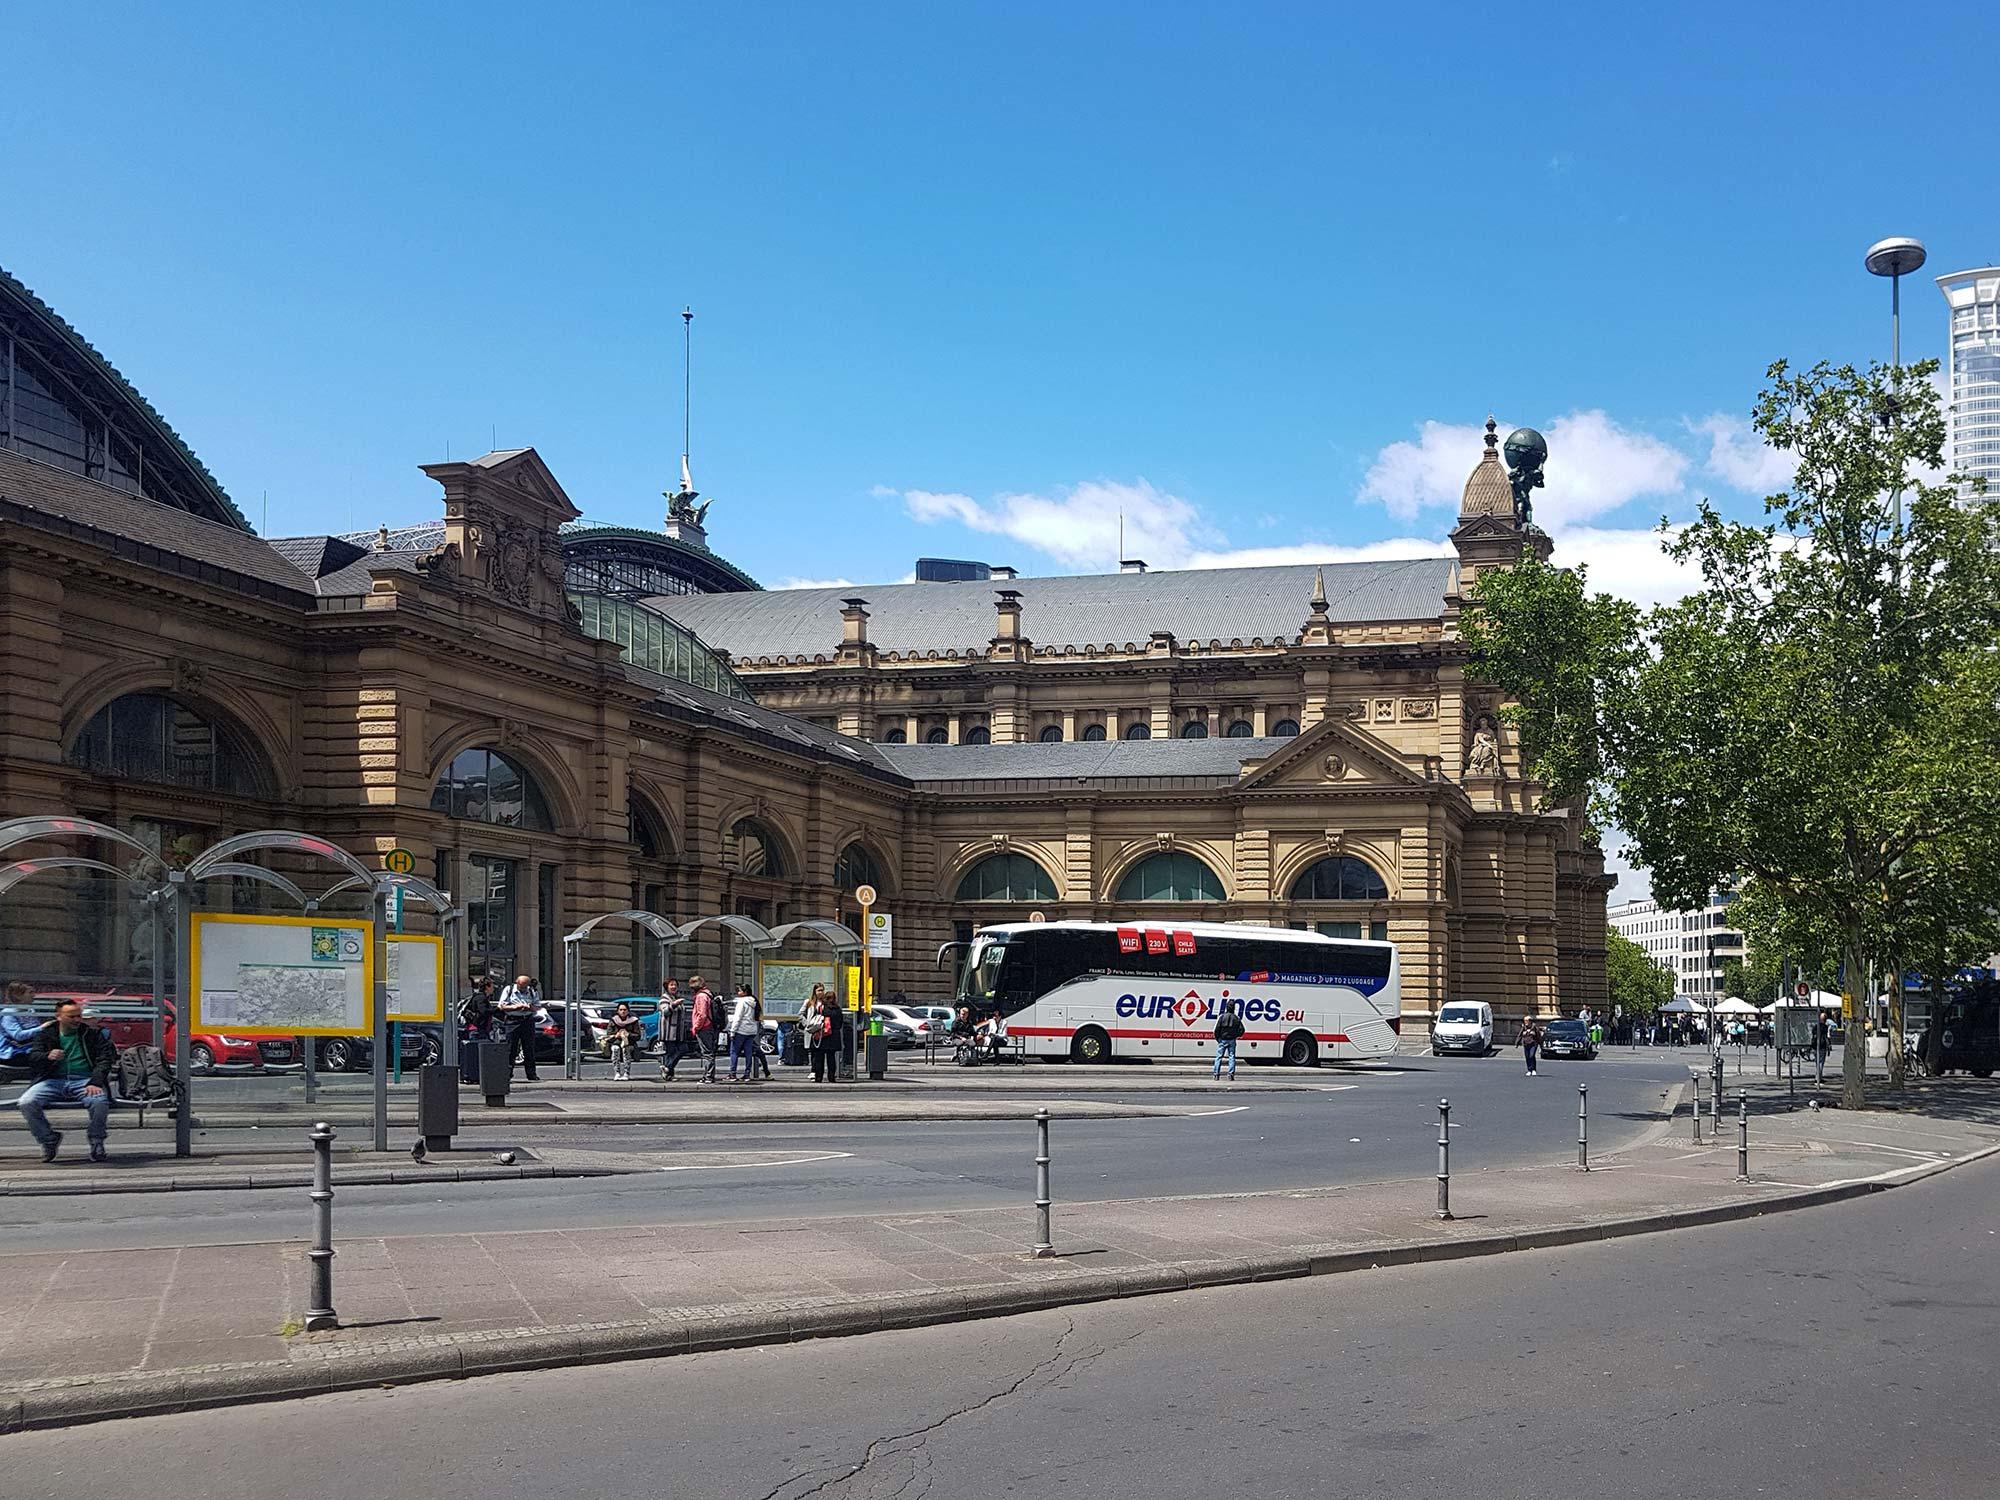 Hbf Frankfurt - Hauptbahnhof Gebäude - Portal - Bushaltestelle